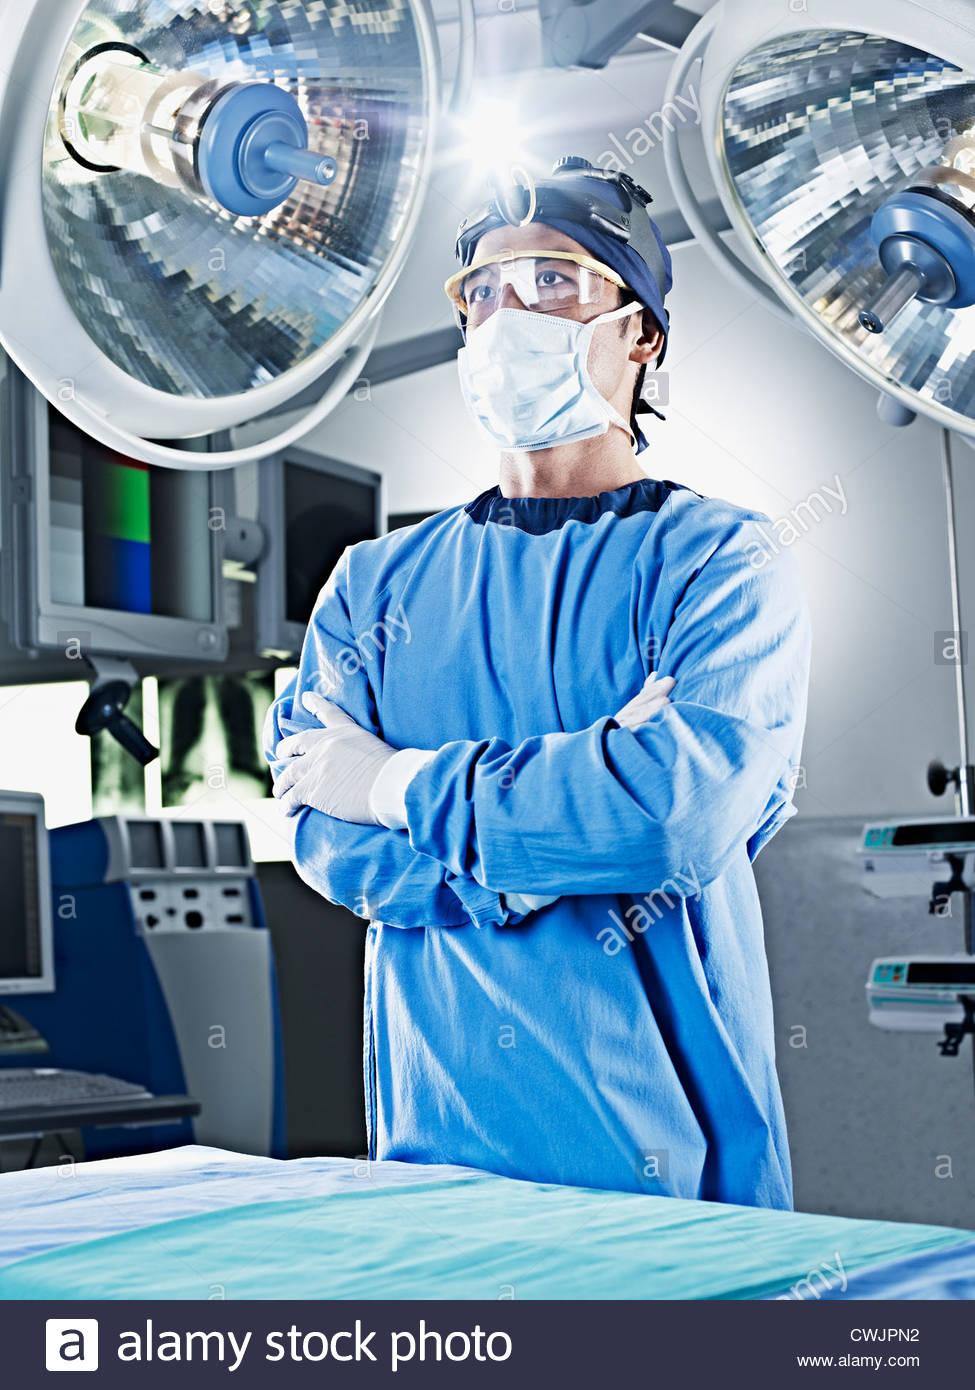 Portrait du chirurgien sérieux, les bras croisés sous les feux chirurgicale Photo Stock